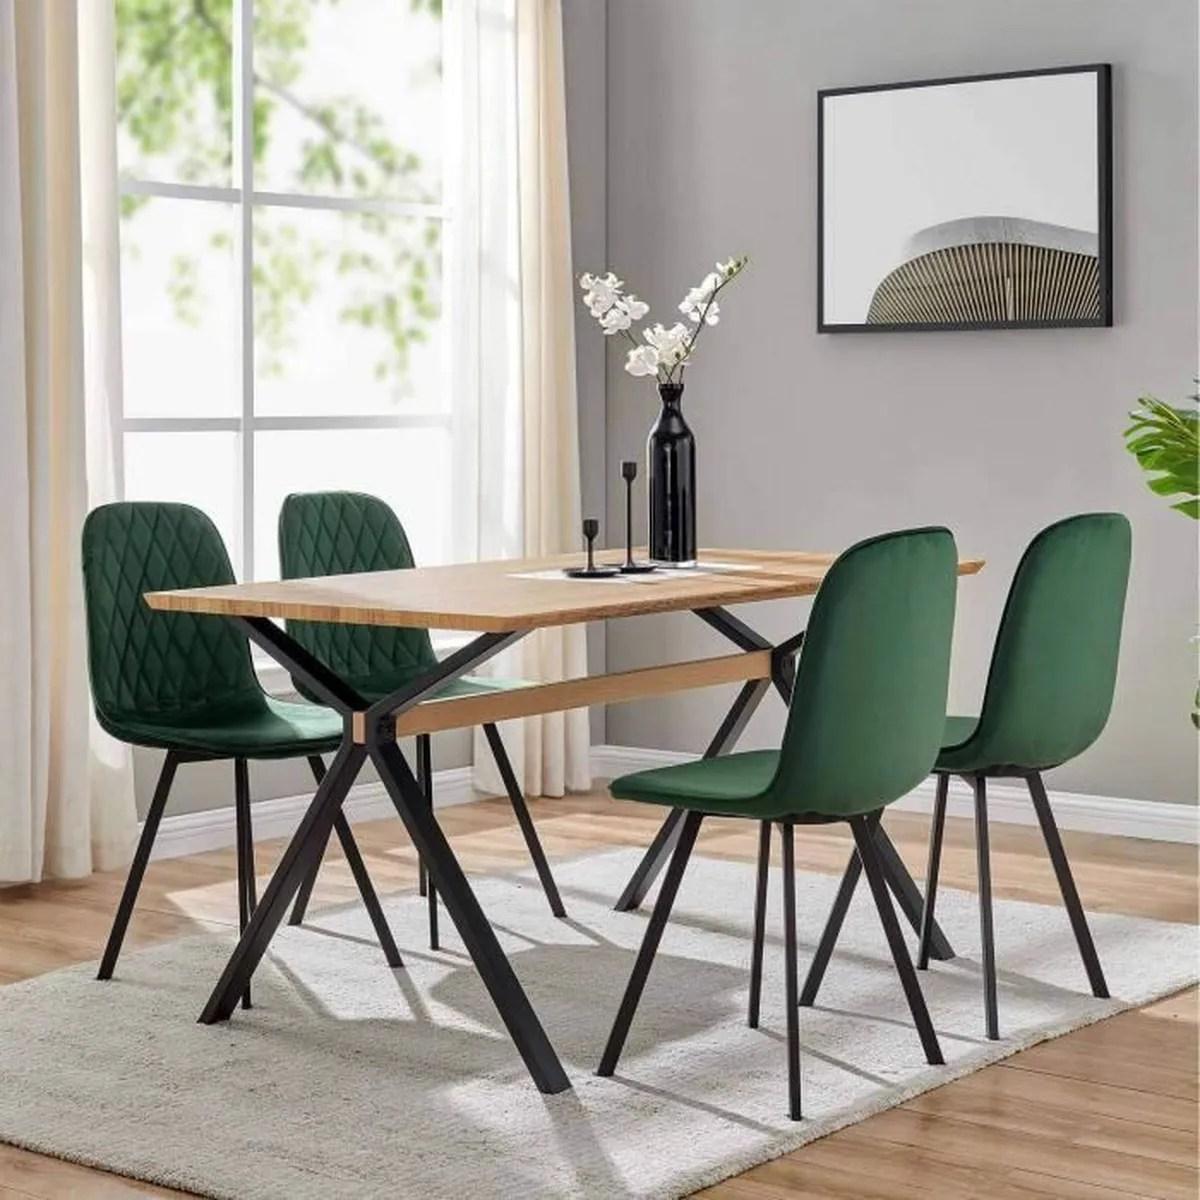 4 chaises design en tissu vert livio